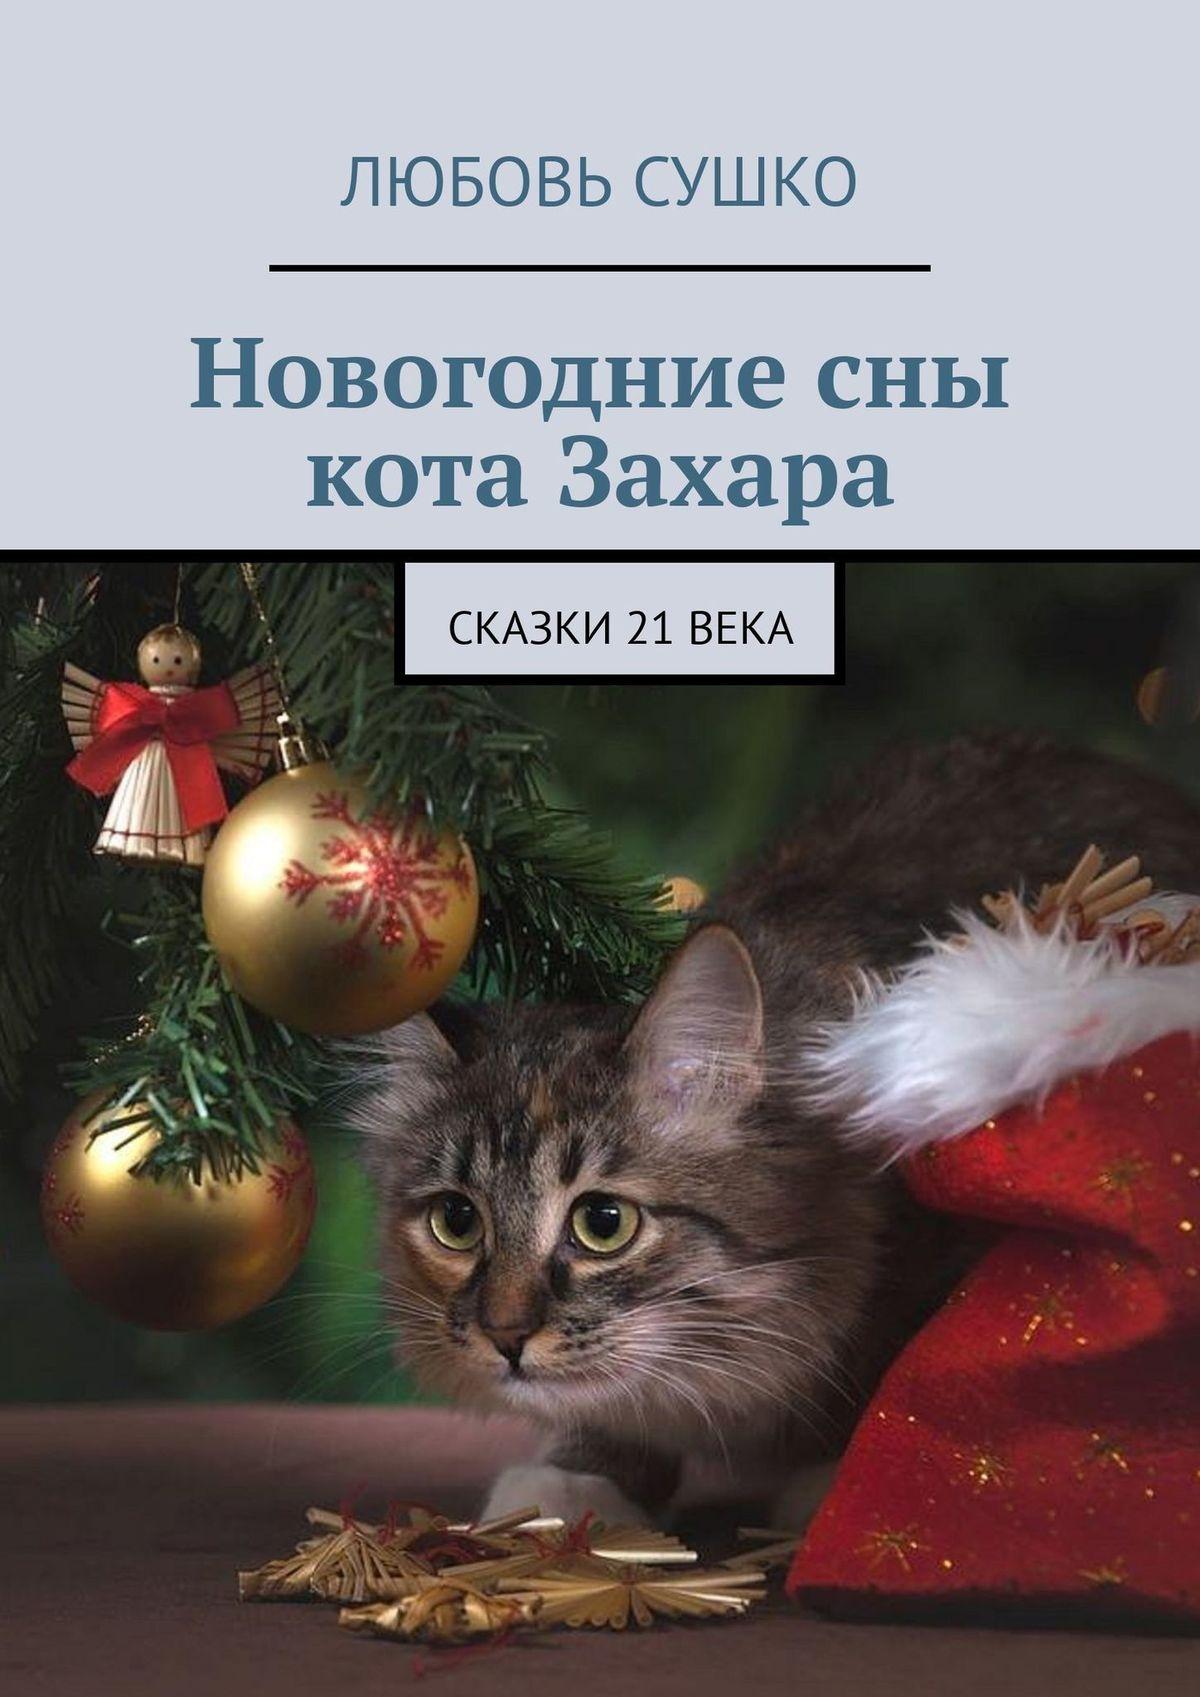 цена на Любовь Сушко Новогодние сны кота Захара. Сказки 21века